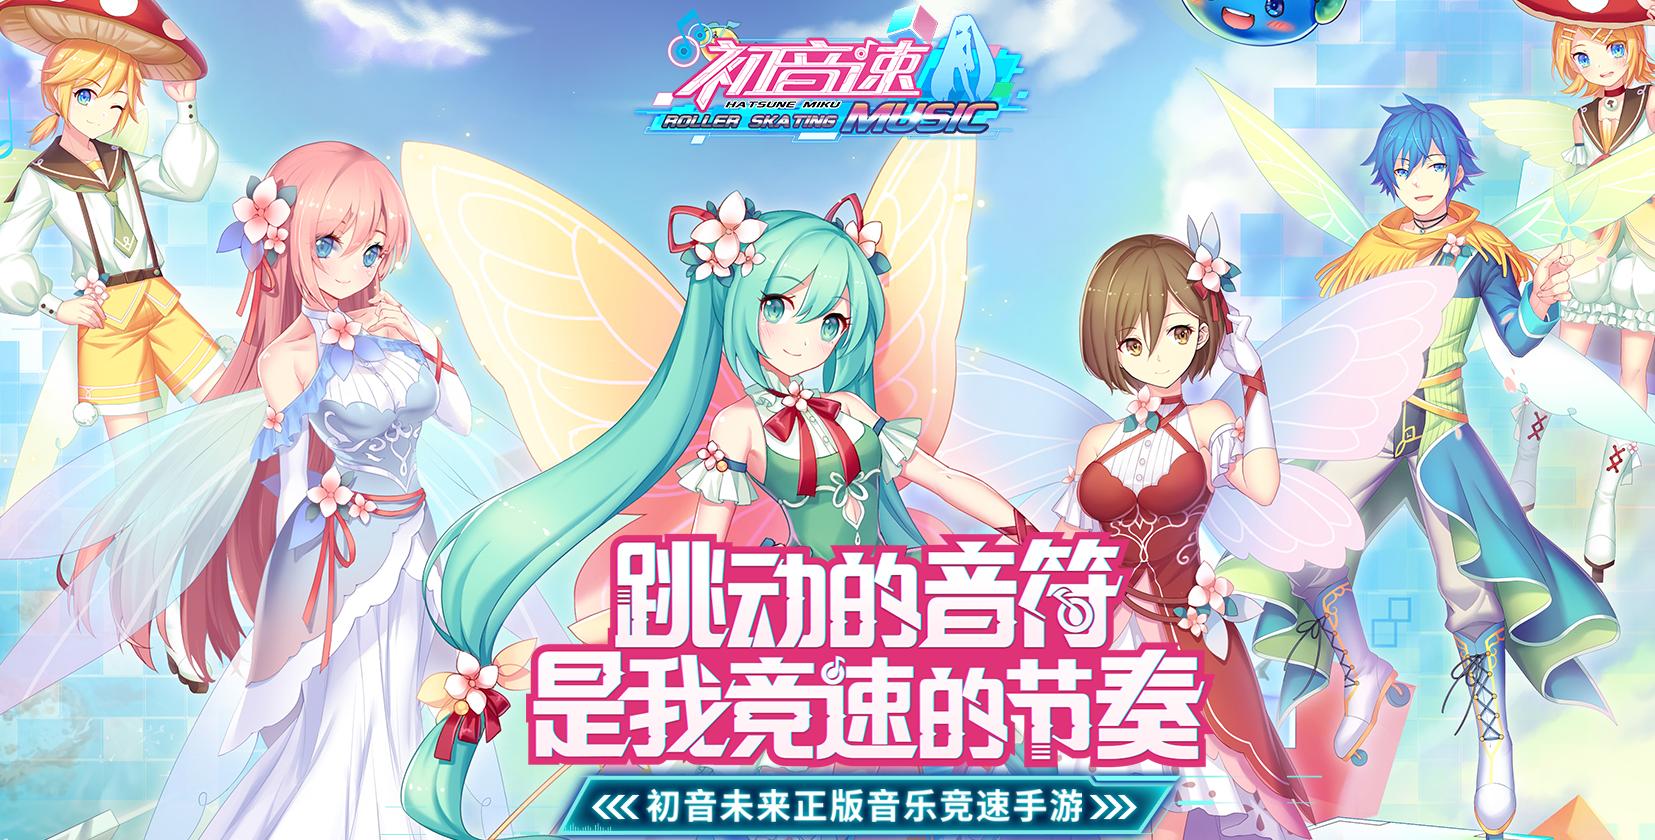 中国杭州云创大会:网易积极探索AR游戏方向